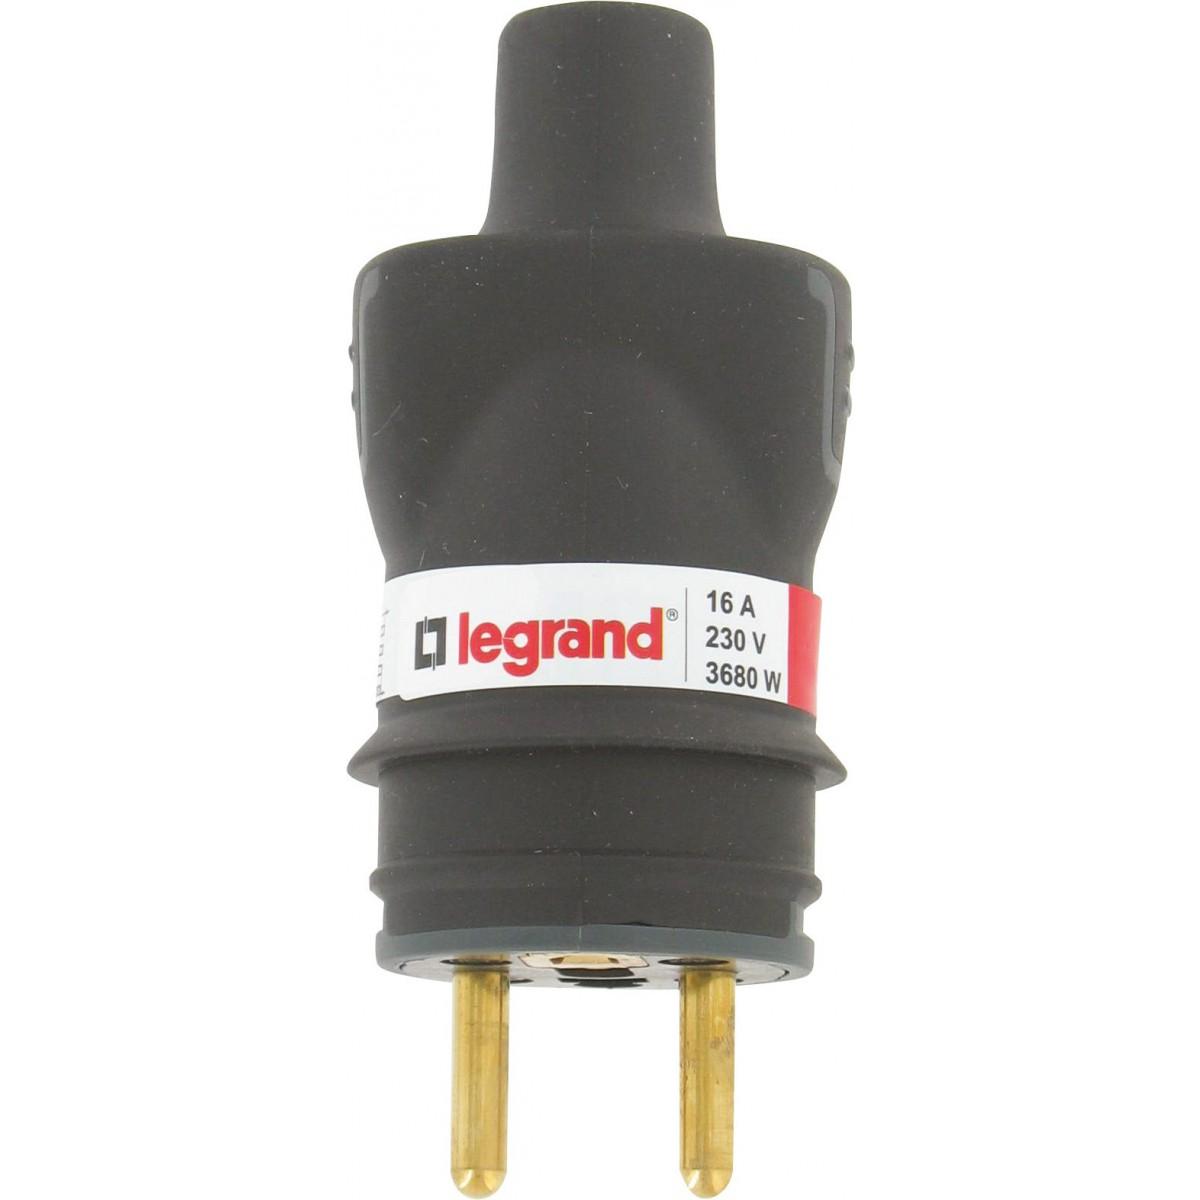 Fiche caoutchouc noire 2P+T 16 A Legrand - Connexion à vis - Sortie droite Mâle